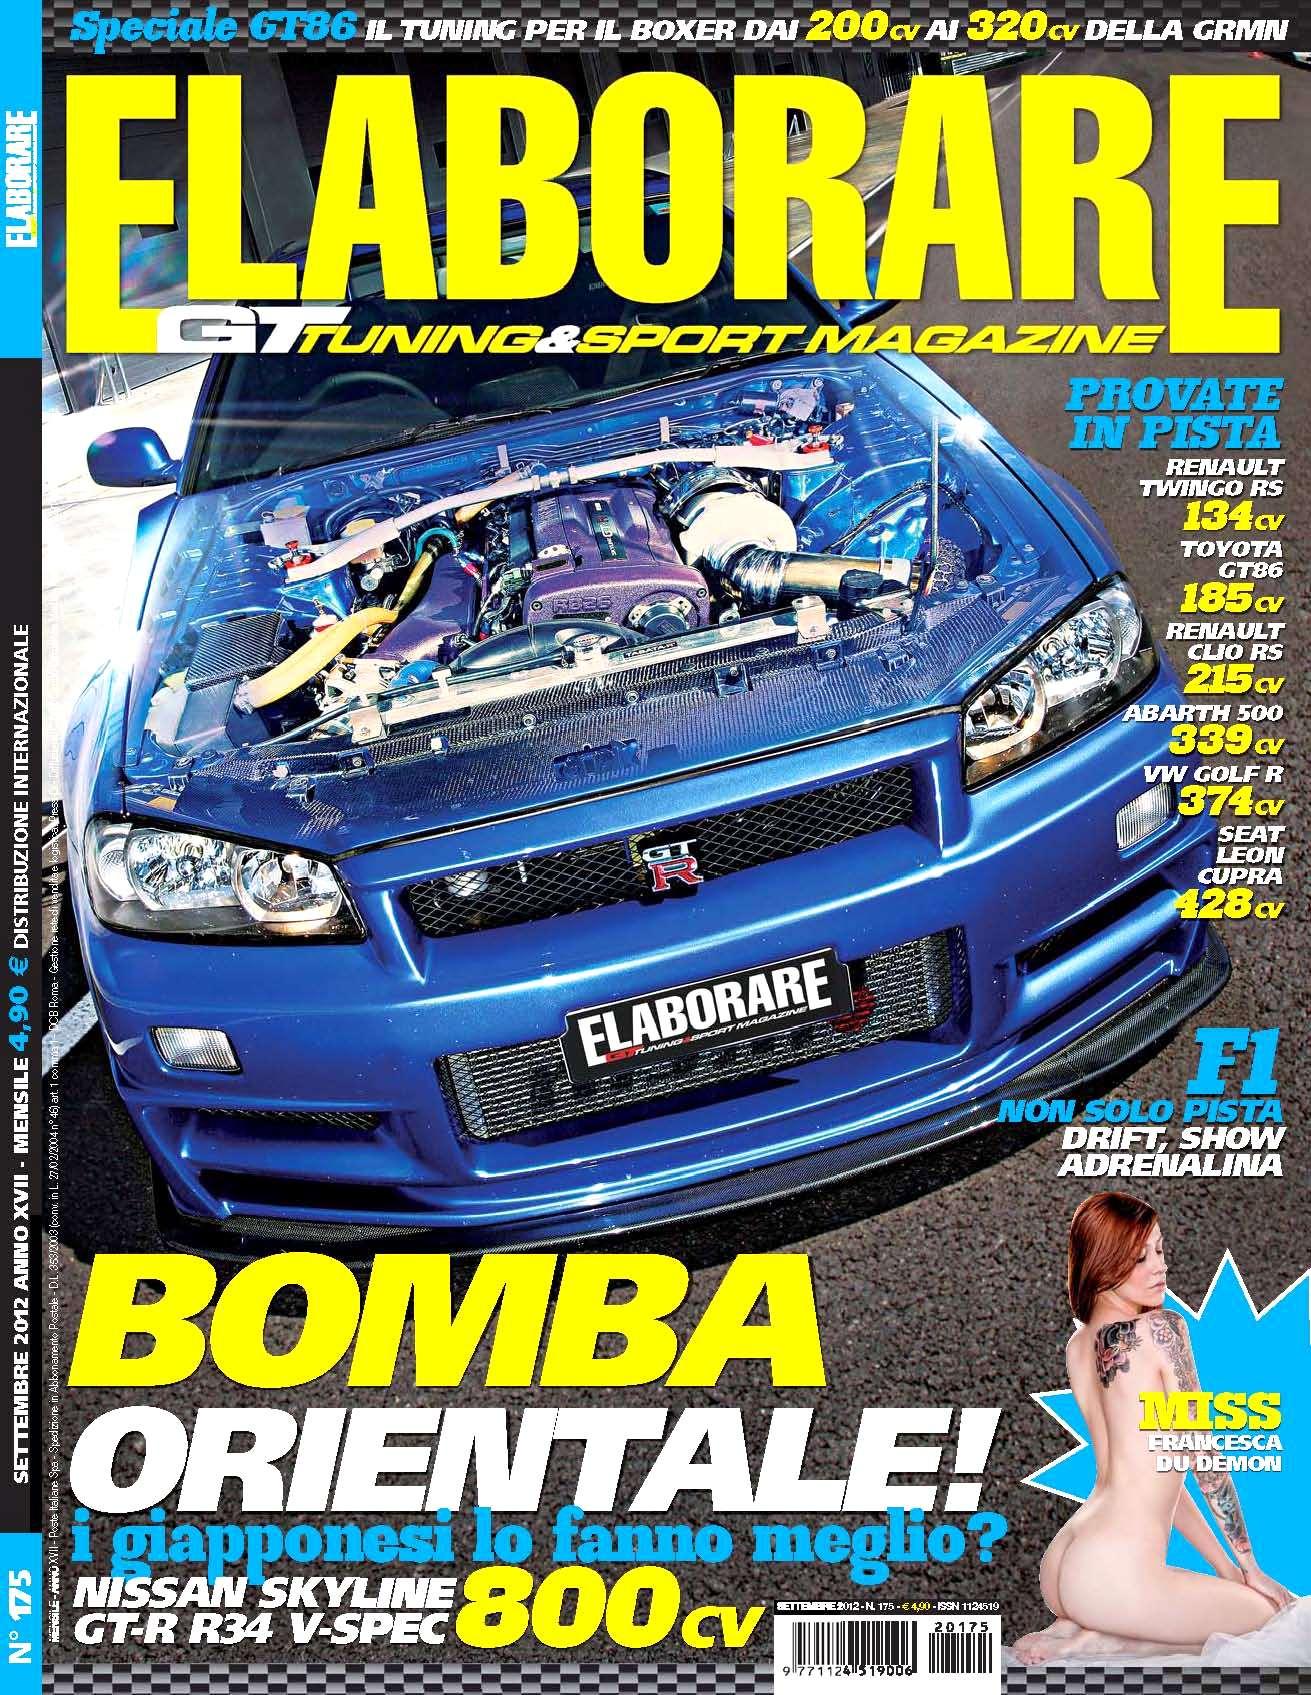 Photo of Elaborare 175 settembre 2012